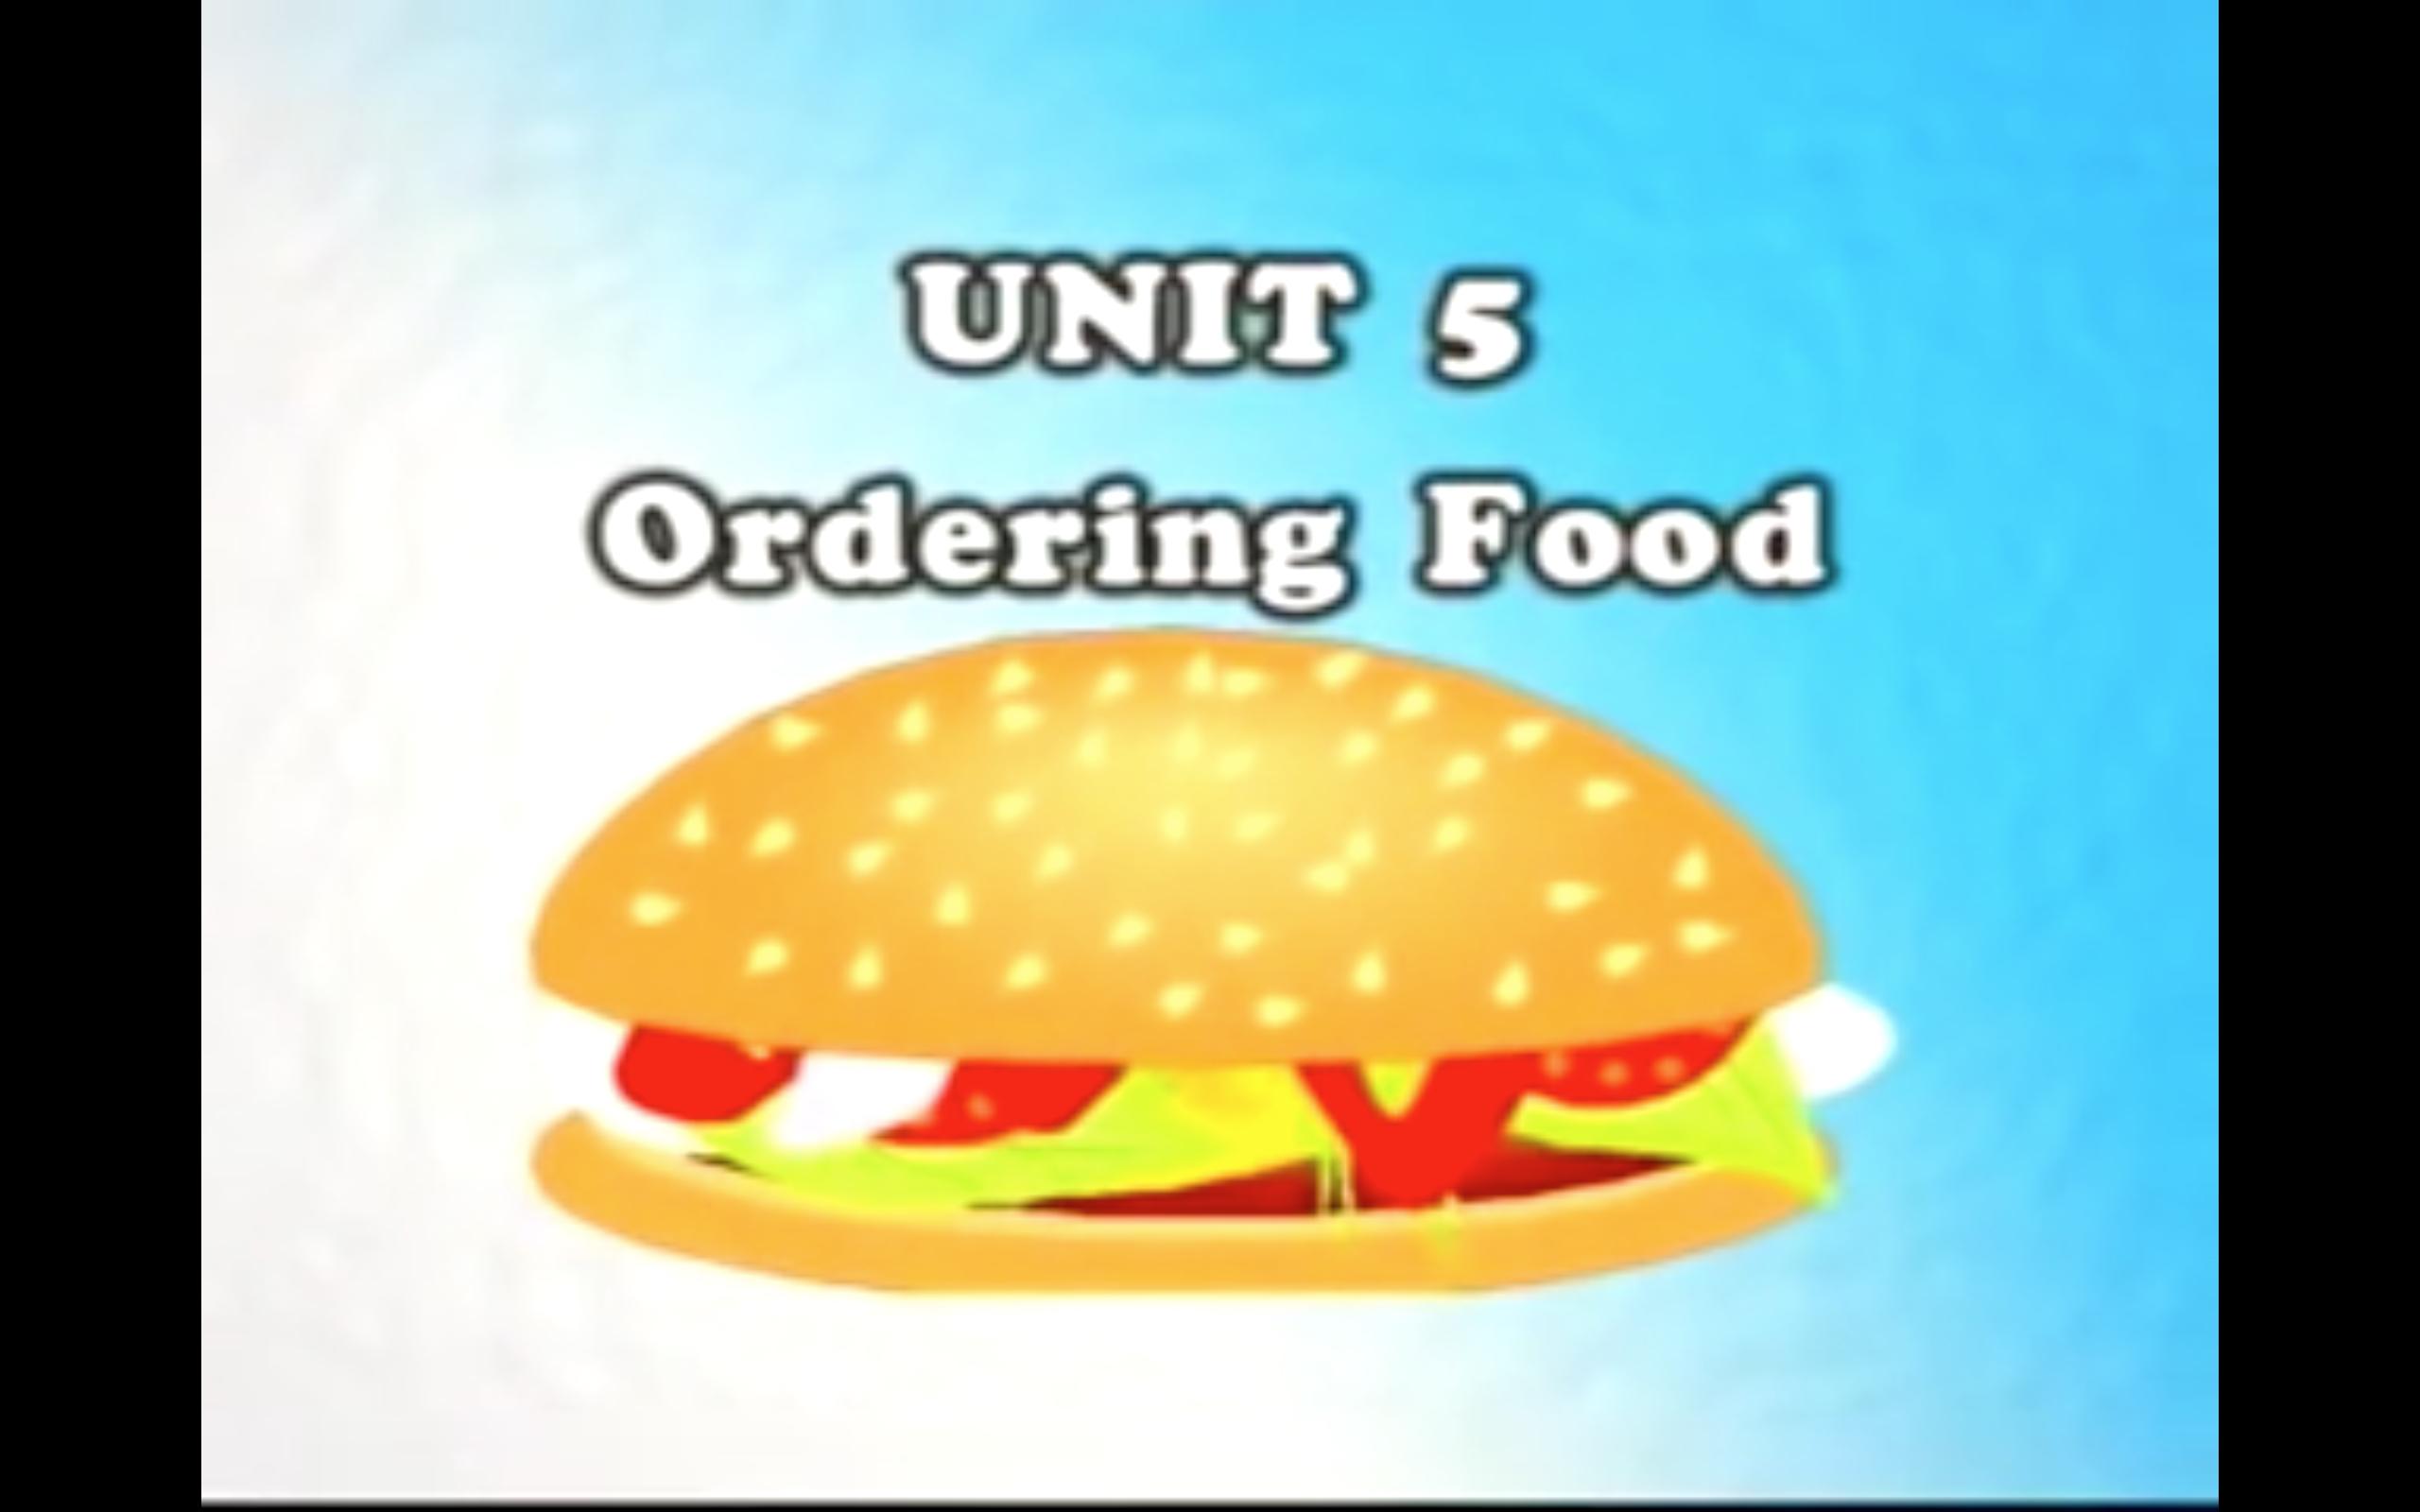 [Giao tiếp cơ bản] Bài 5: Gọi Món - Unit 5: Ordering Food